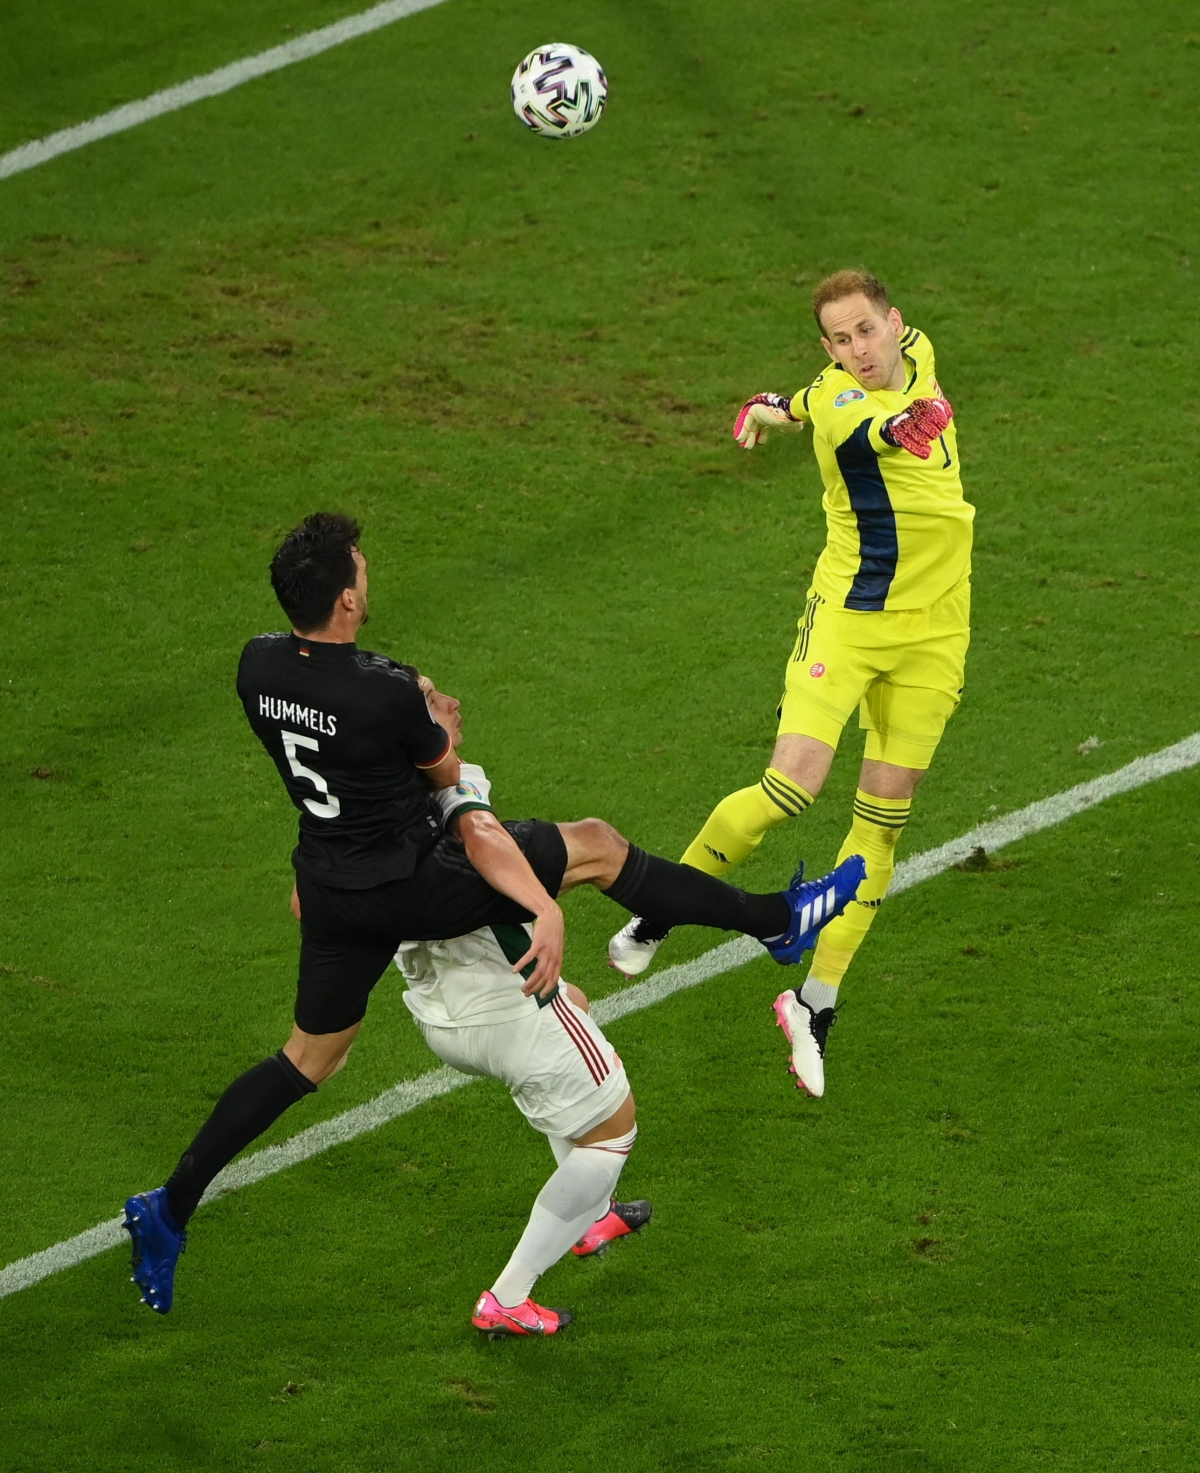 Phút 66, thủ môn Gulacsi bất ngờ đấm bóng hụt khiến Hungary chịu bàn thua.